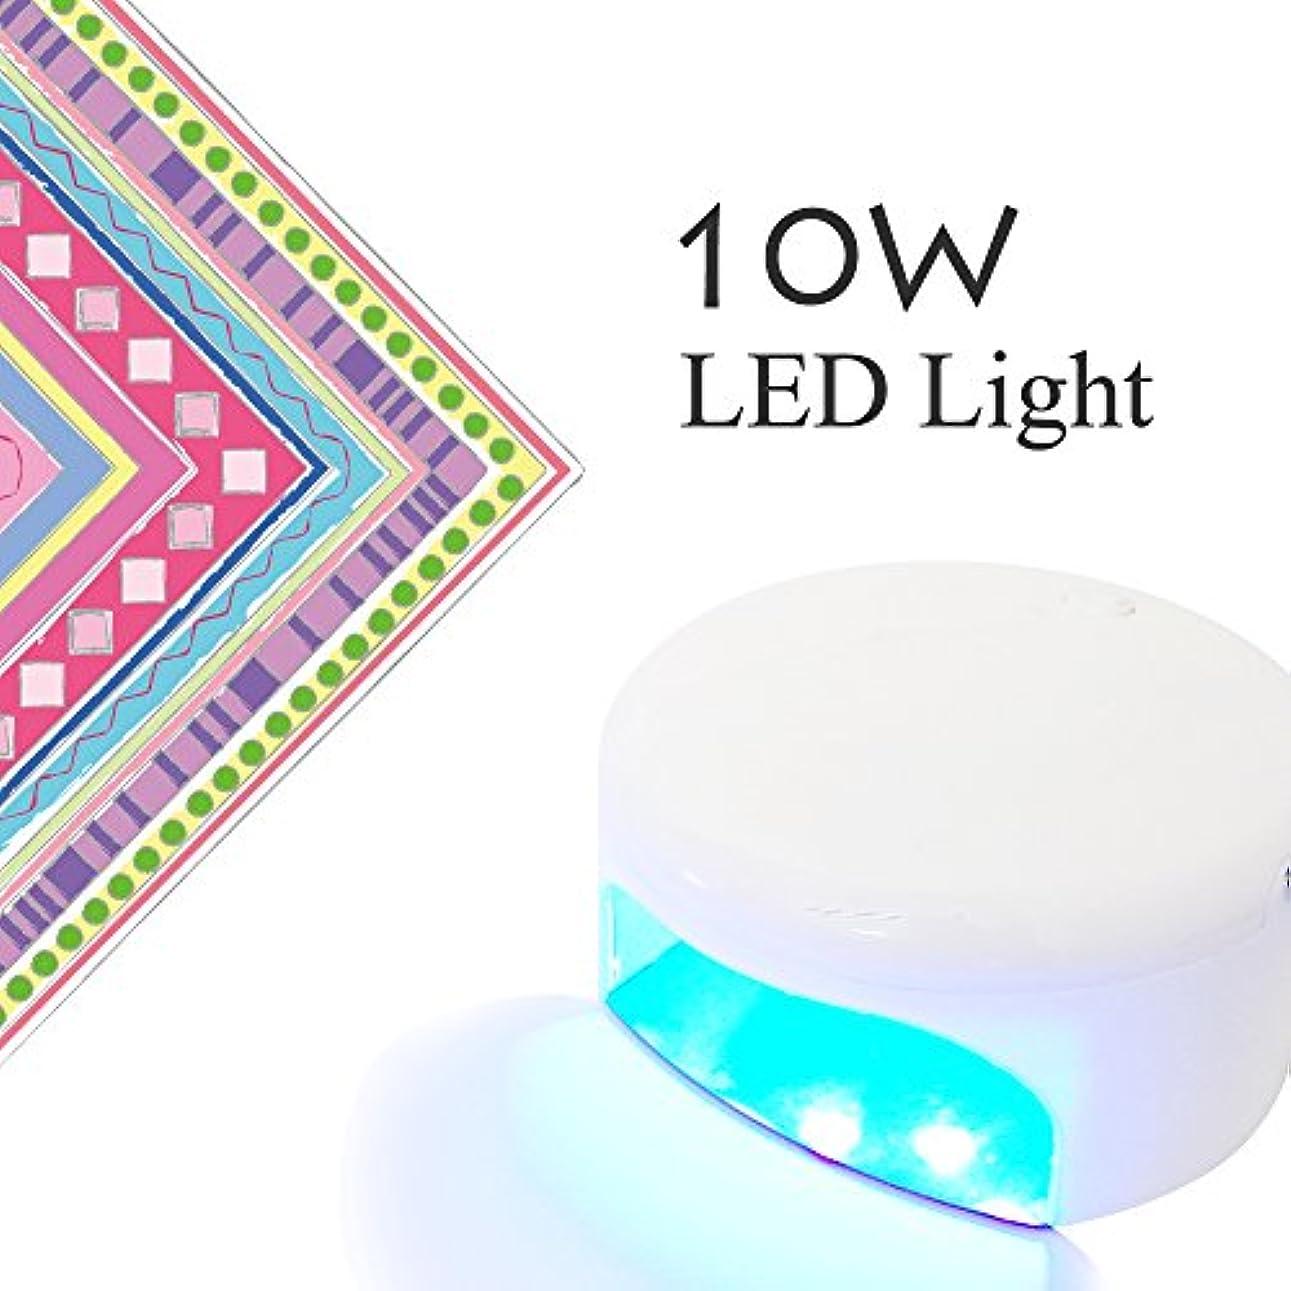 ブースト応答子孫ネイル用LEDライト 10W チップLED搭載 【LED10wライト】コンパクトハイパワー保証書。取扱説明書付き ジェルネイル (10W)